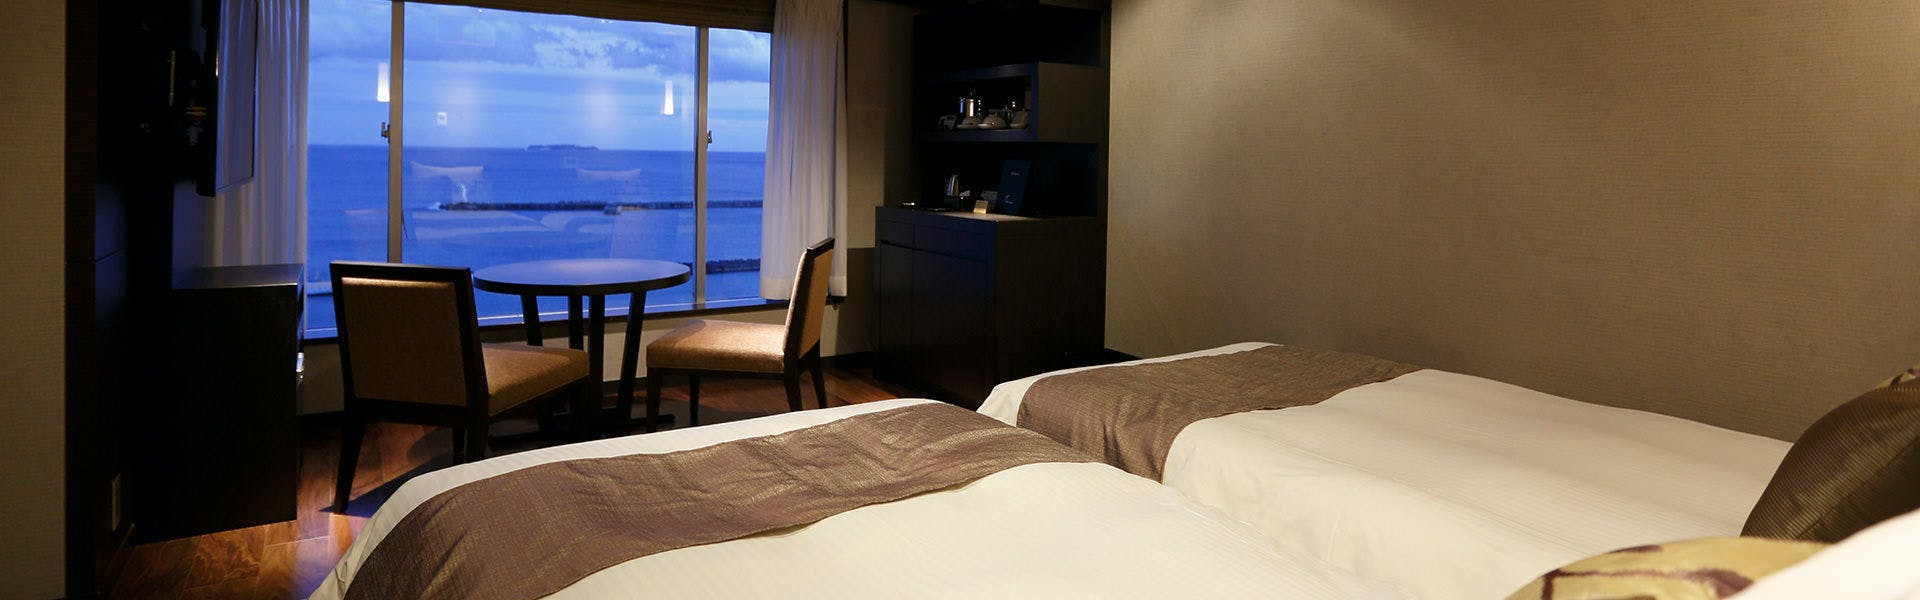 記念日におすすめのホテル・HOTEL MICURAS(ホテル ミクラス)の写真2